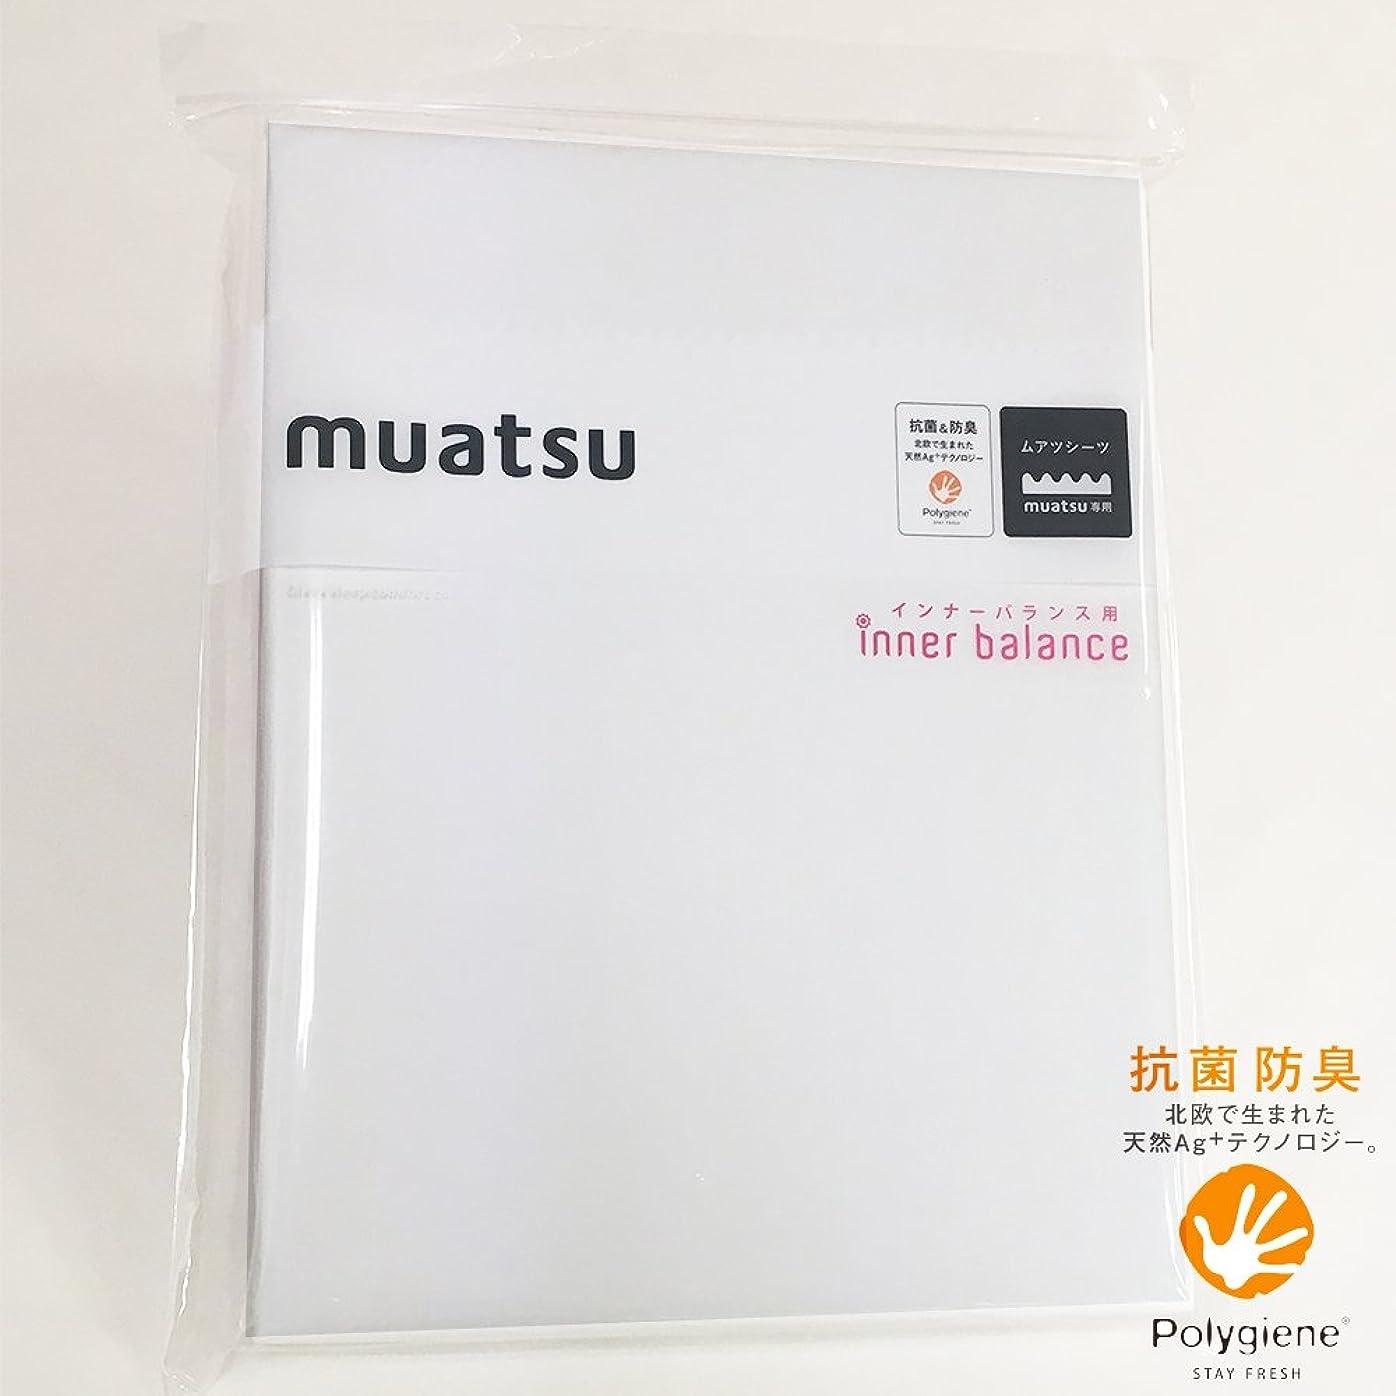 コーラス途方もないミサイルムアツインナーバランス 専用シーツ 綿100% 抗菌防臭 加工 日本製 ホワイト MU7050